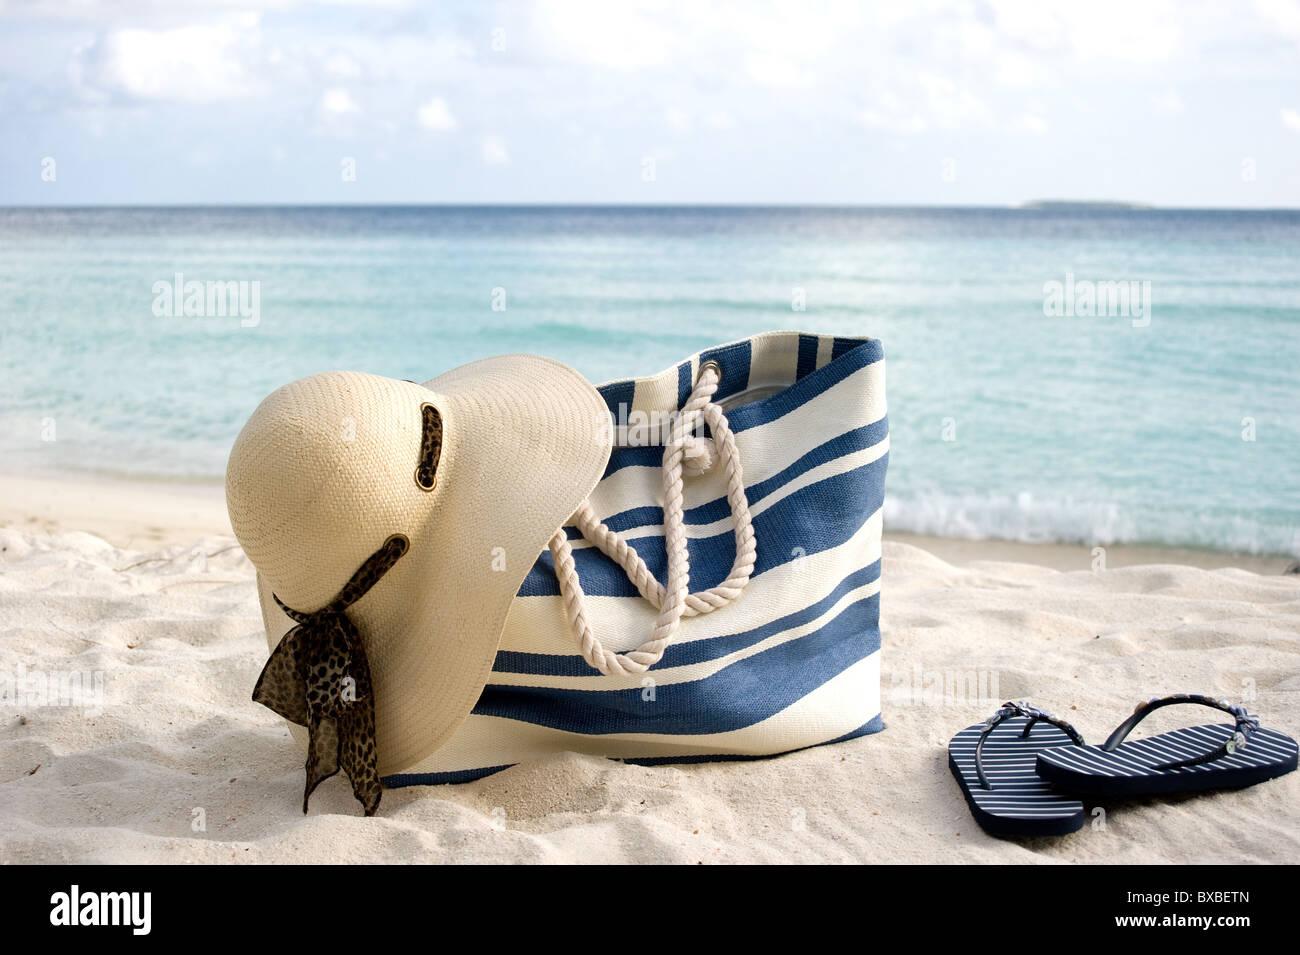 Beach bag e2fc03c75de